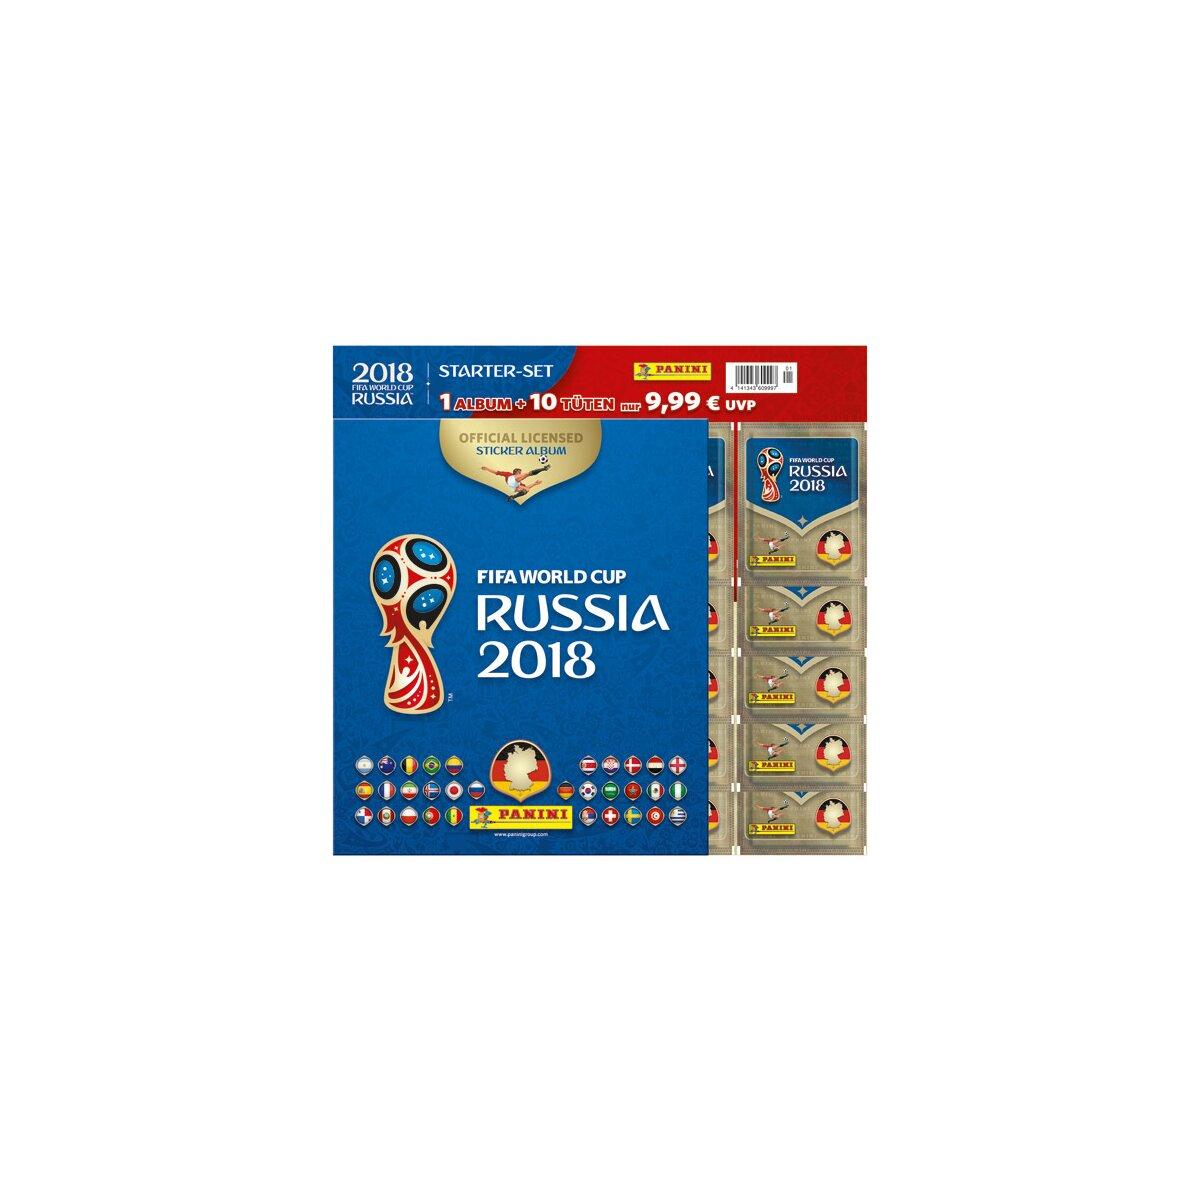 Panini Wm 2021 Sticker